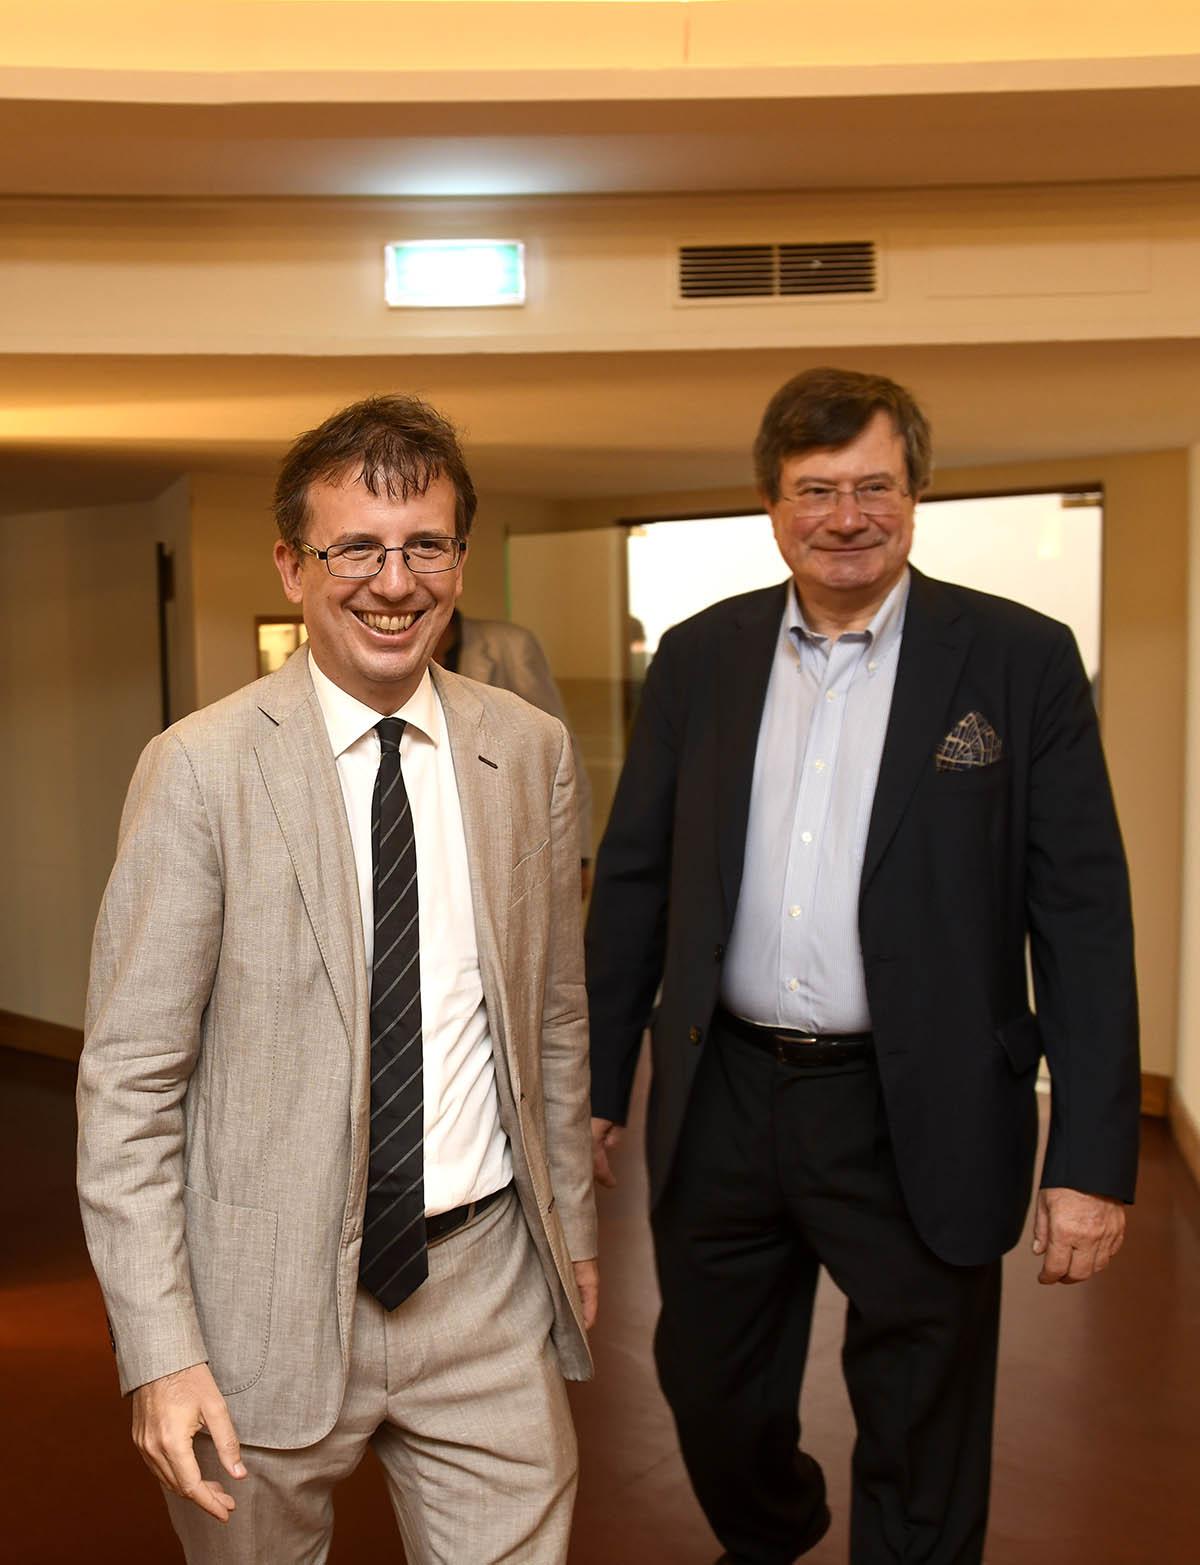 Filippo Del Corno, Assessore alla Cultura Comune di Milano e Fiorenzo Galli, Direttore Generale Museo Nazionale Scienza e Tecnologia Leonardo da Vinci